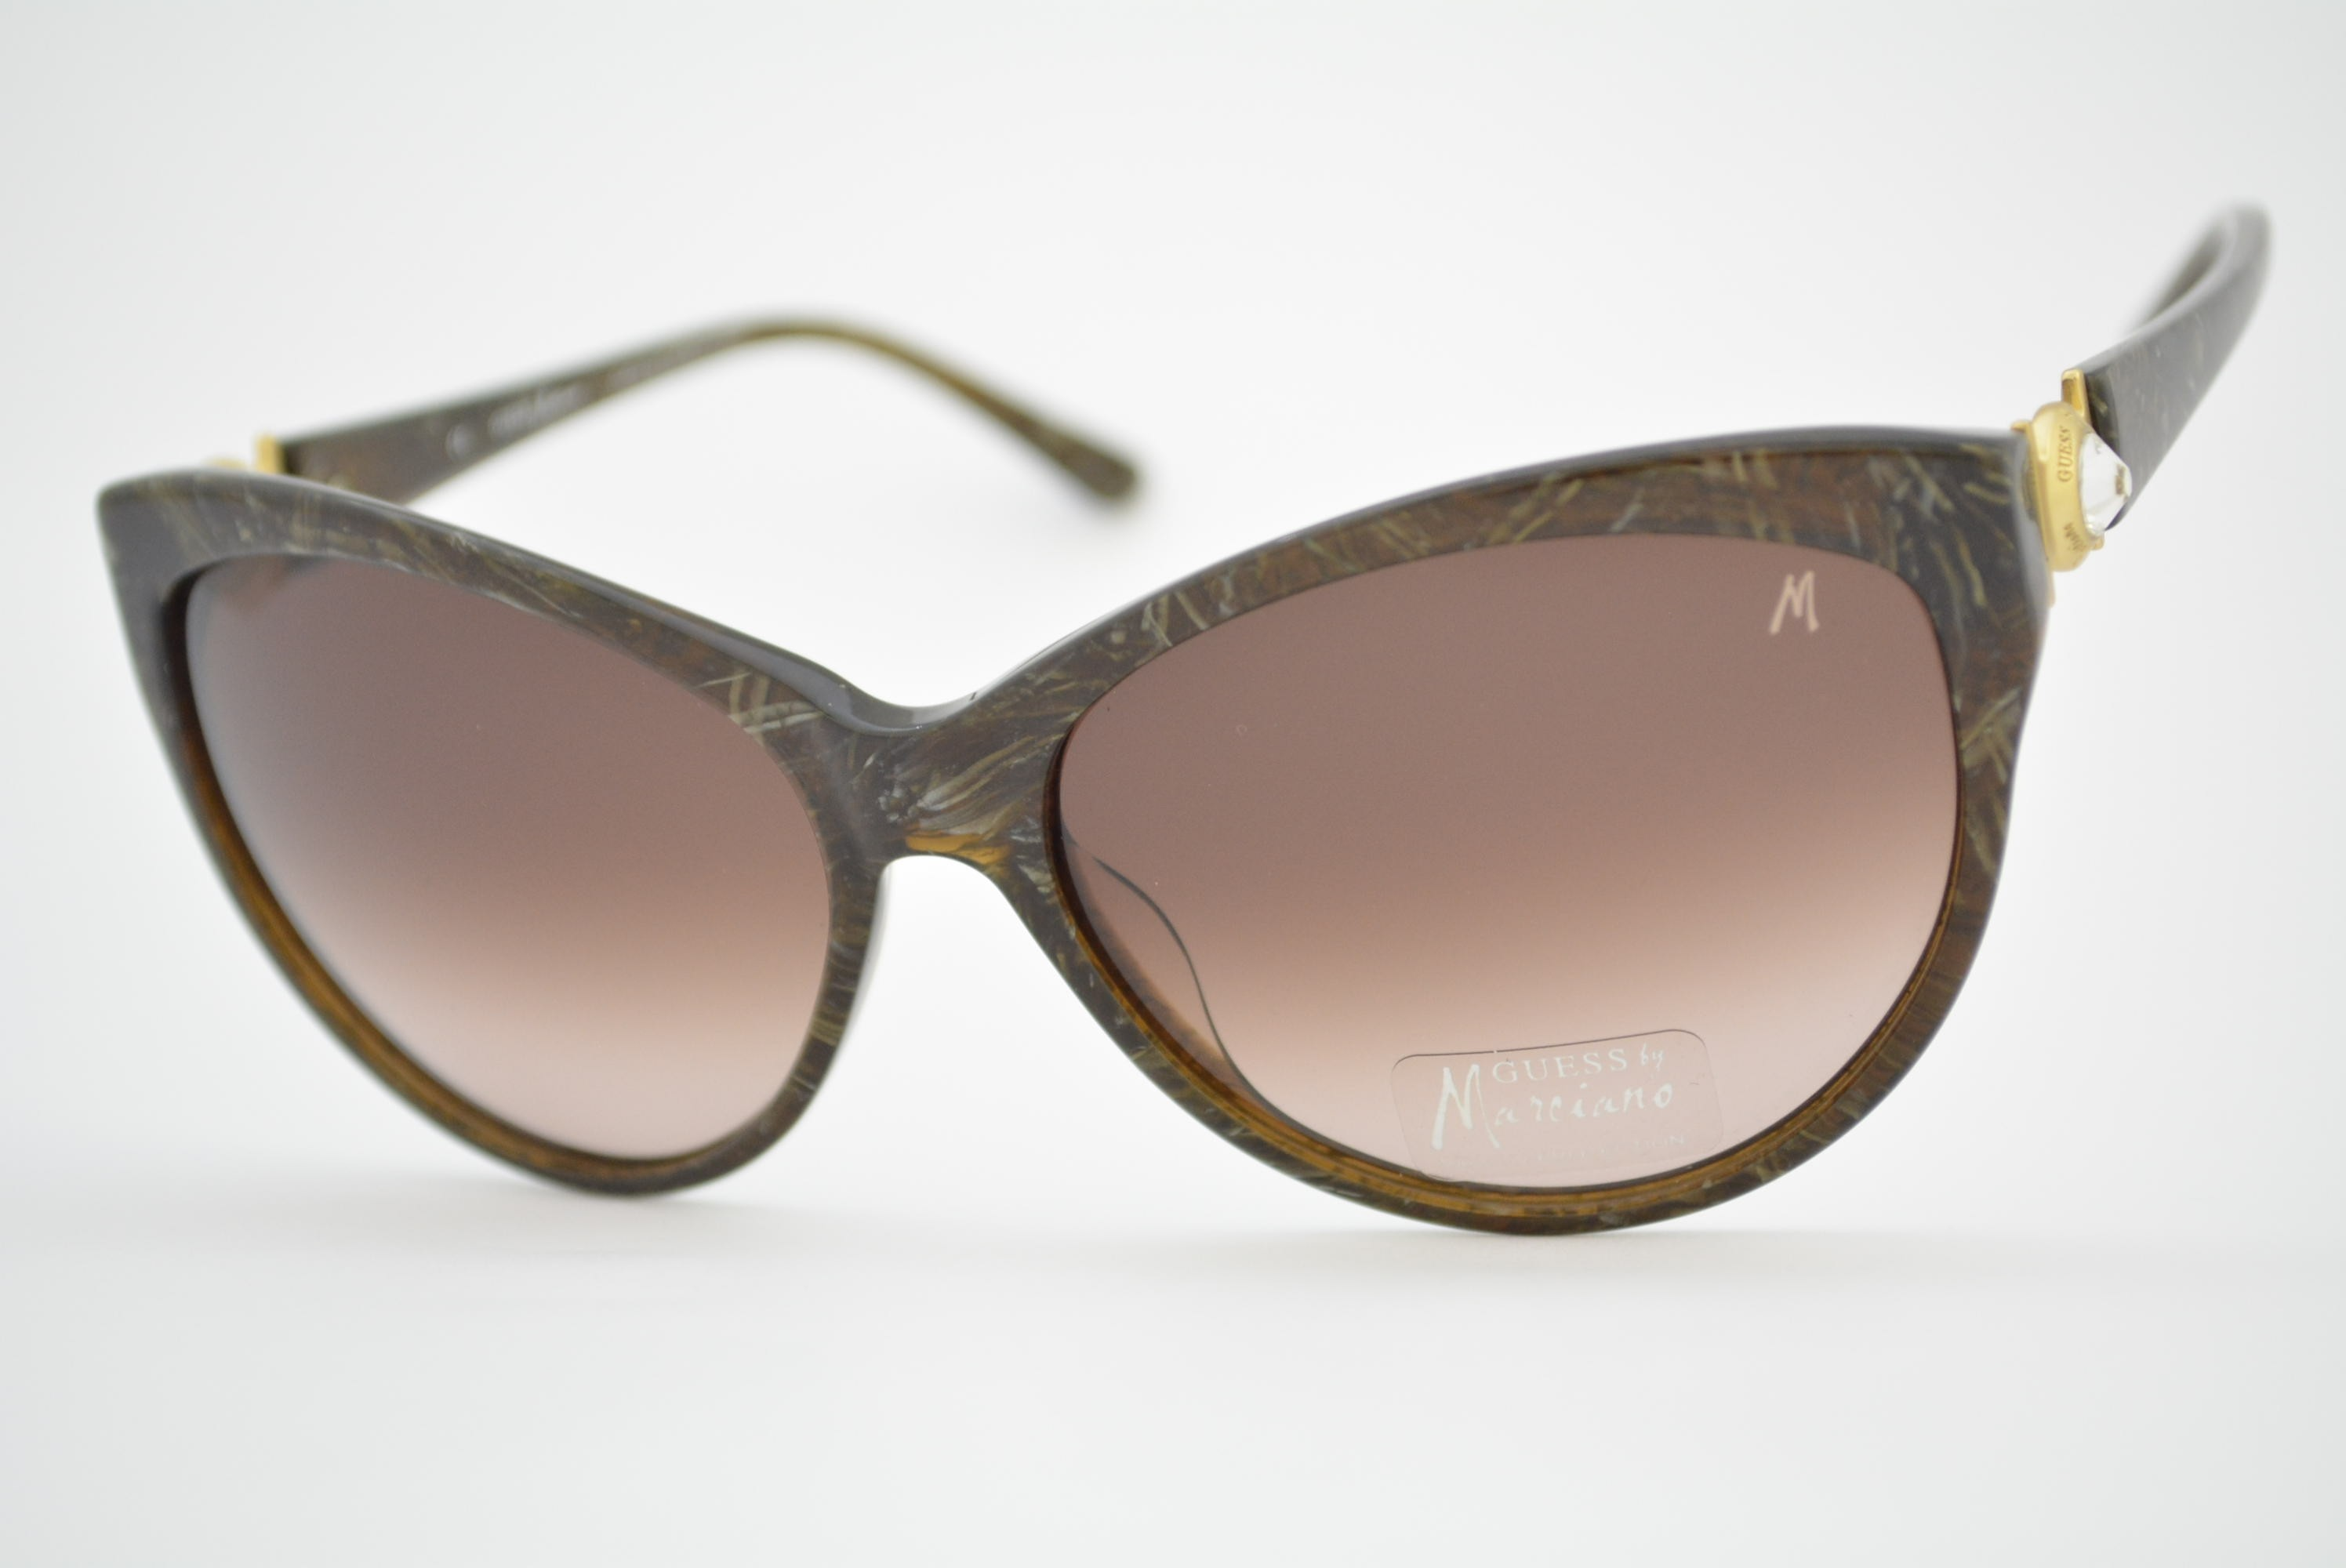 5bbd0a781 óculos de sol Guess by Marciano mod GM680 brn-34 Ótica Cardoso